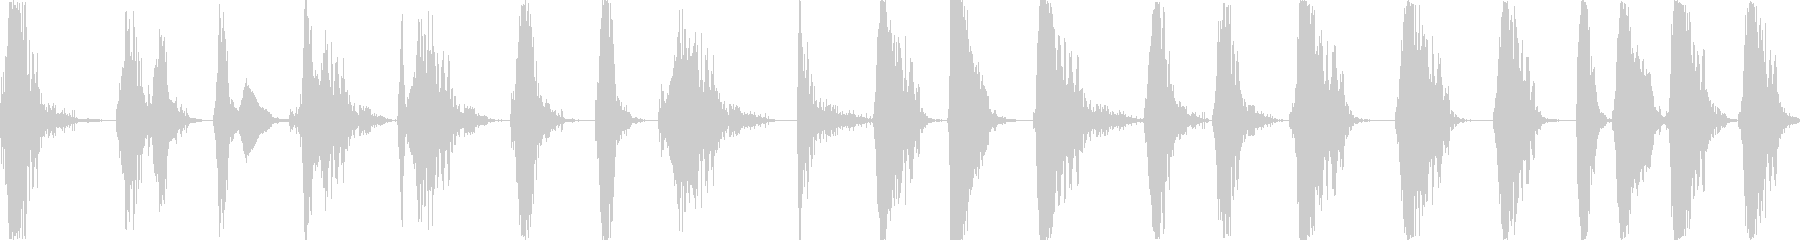 落雷と雷撃、電気放電スイーツ、さま...の未再生の波形